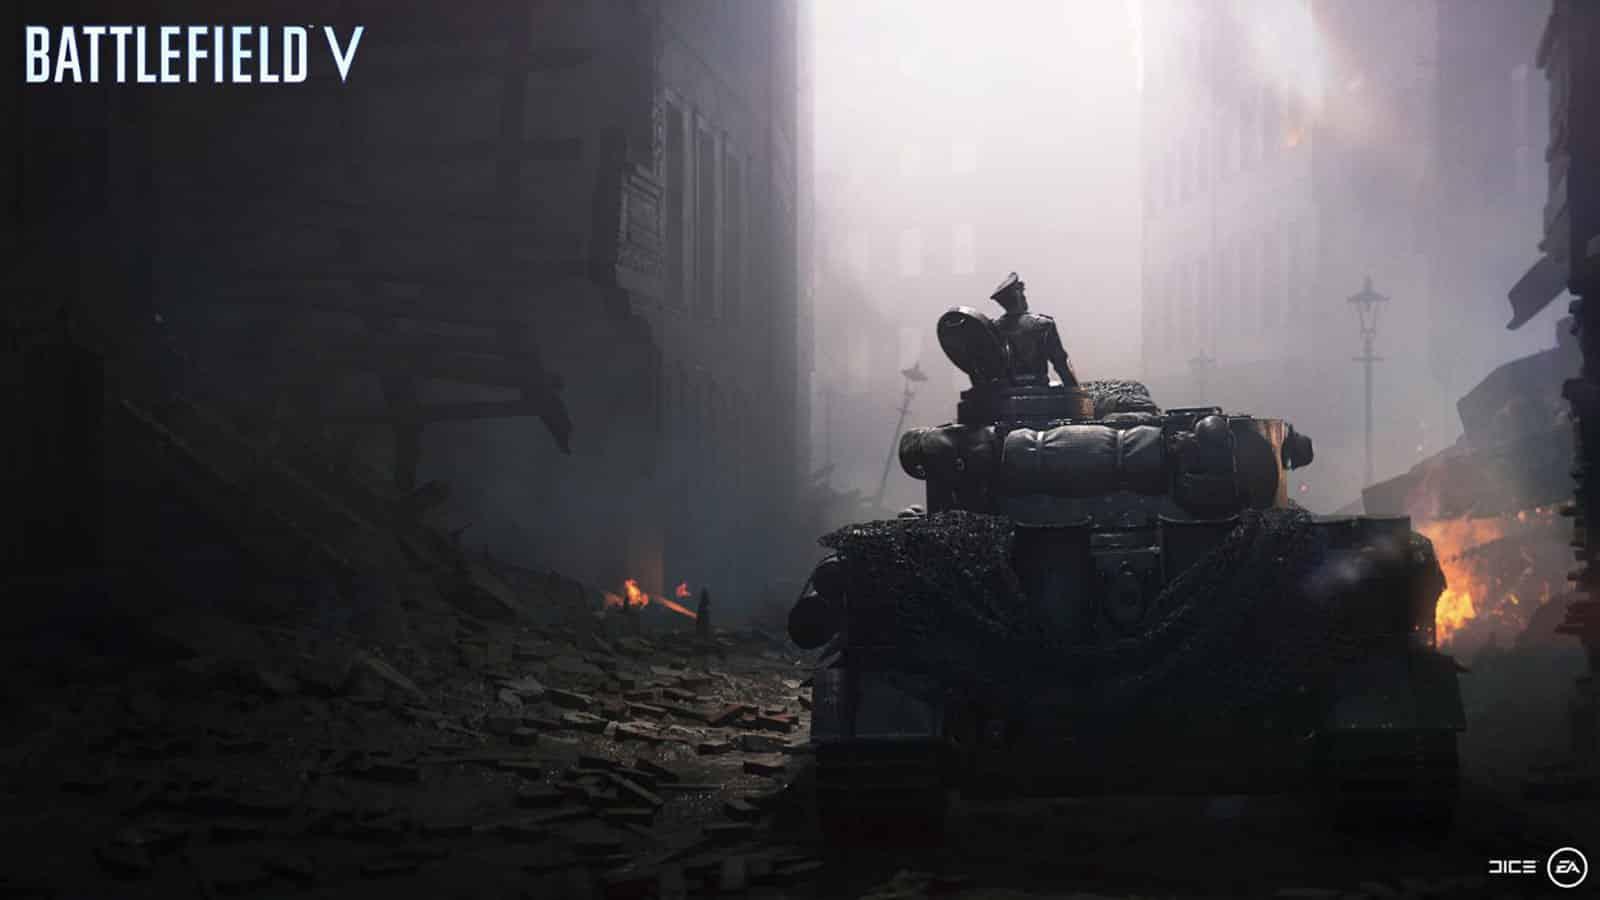 Battlefield V's War Stories